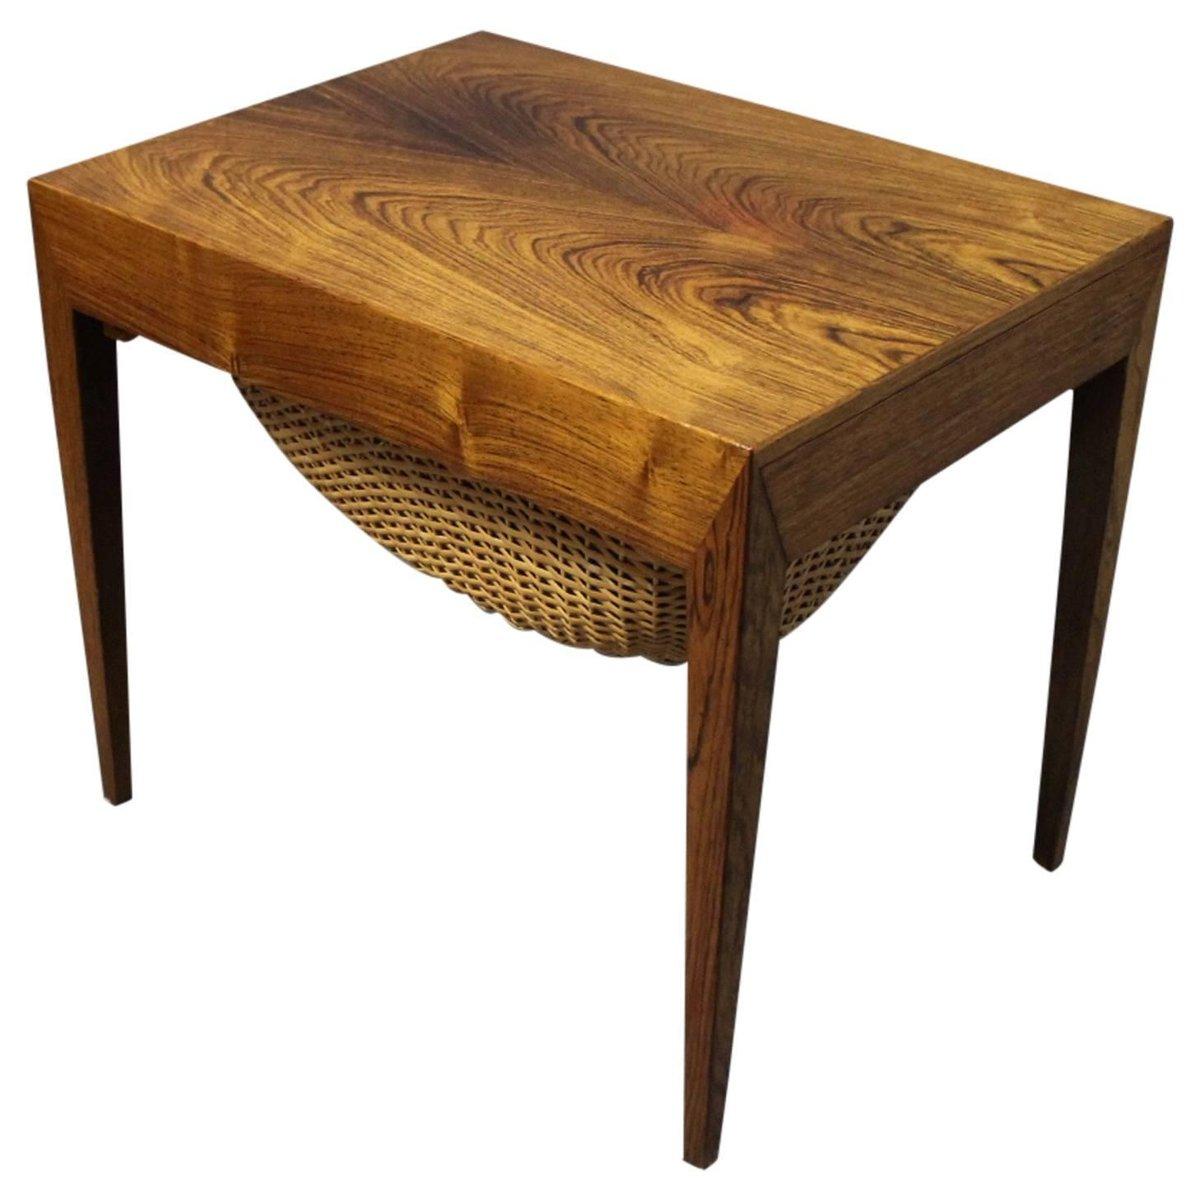 petite table de couture par severin hansen pour haslev. Black Bedroom Furniture Sets. Home Design Ideas